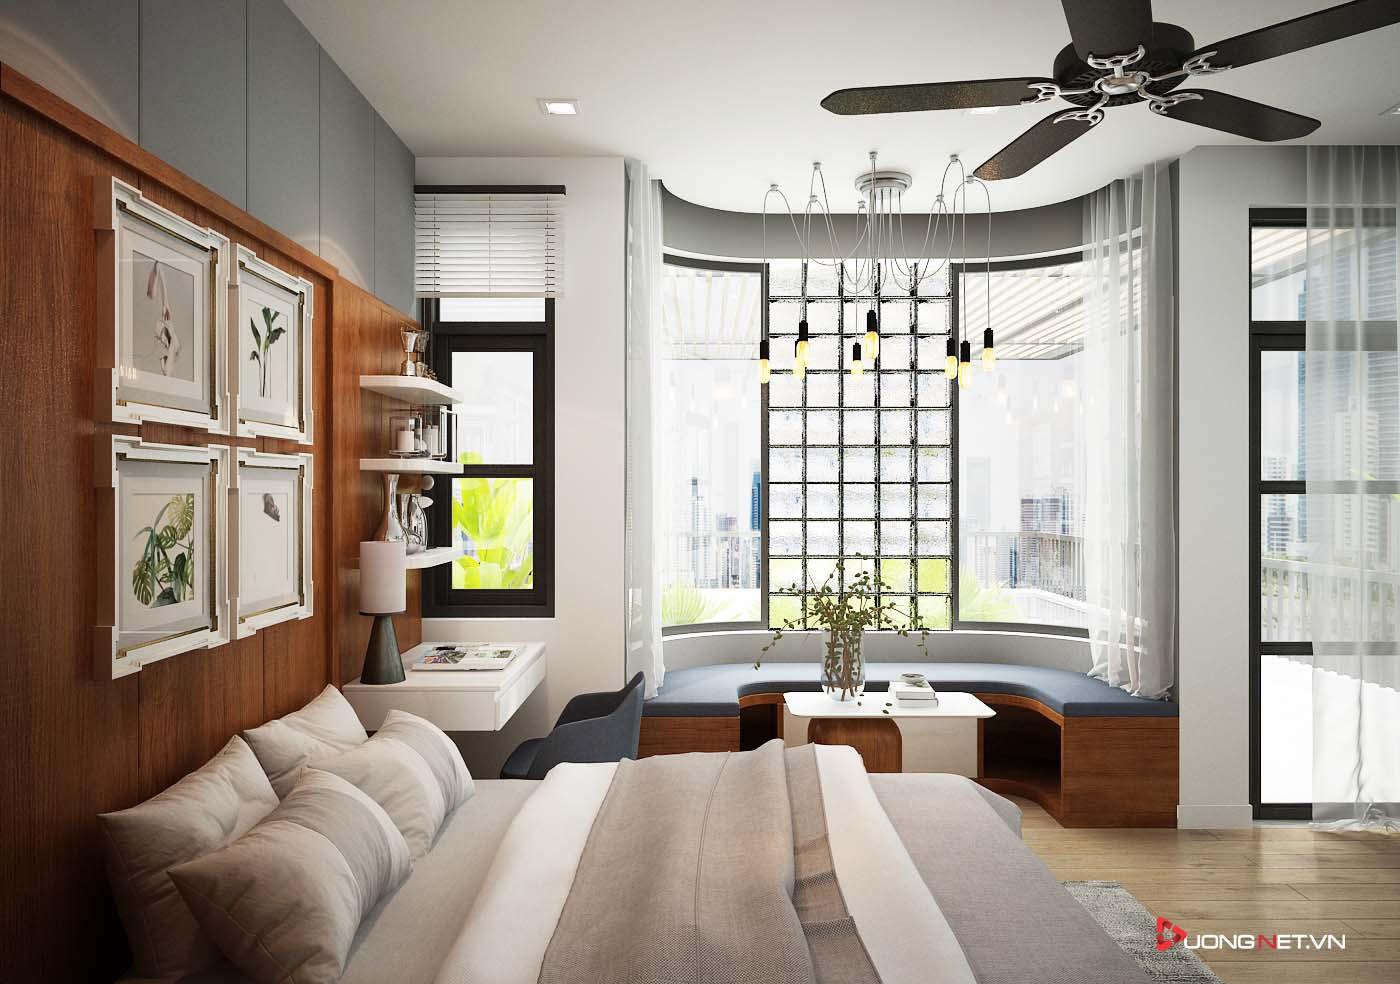 Thiết kế nội thất sáng tạo nhà phố 3 tầng của chị Thúy ở Ninh Kiều - Cần Thơ 7